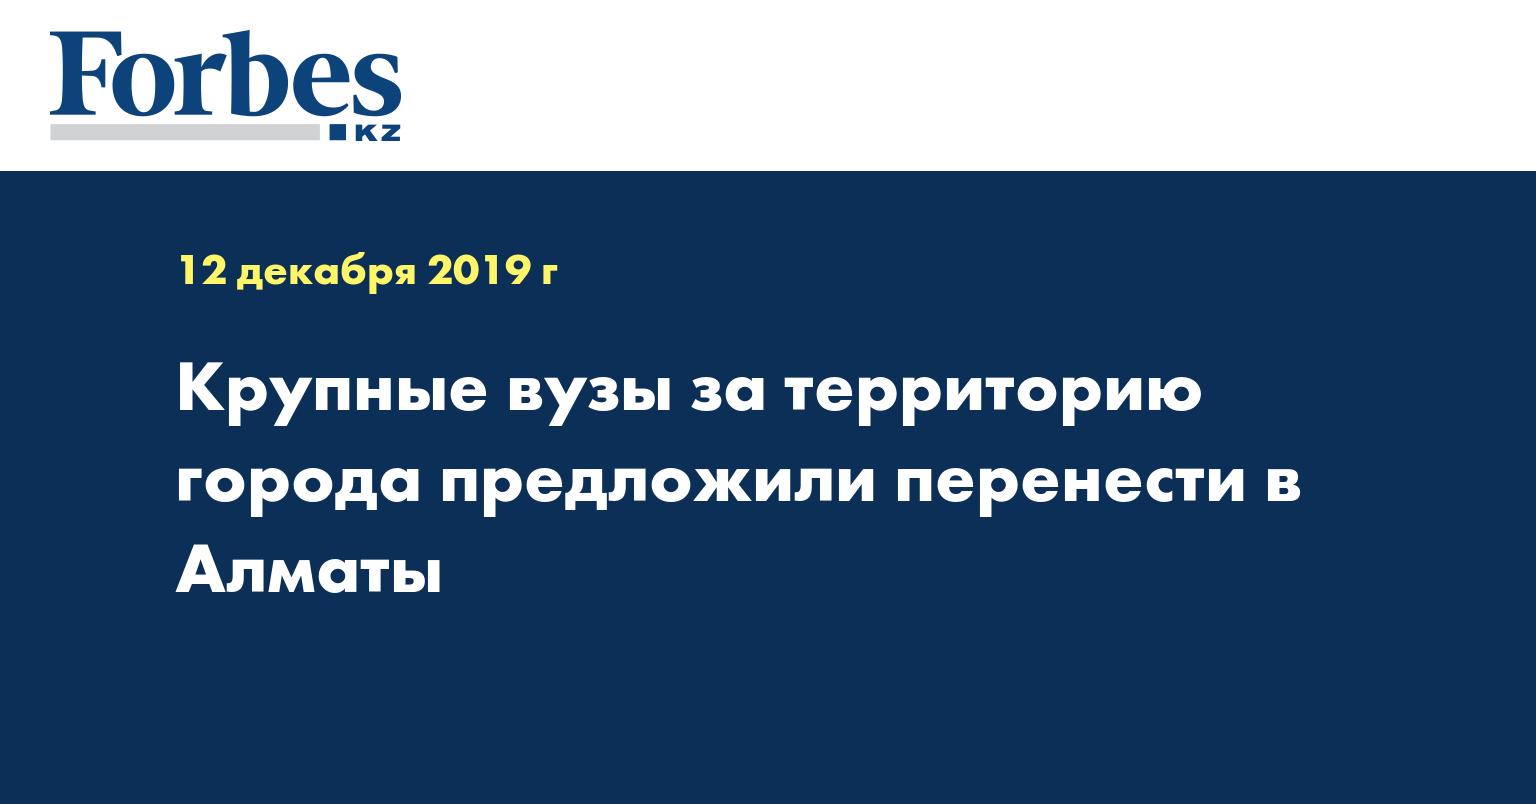 Крупные вузы за территорию города предложили перенести в Алматы